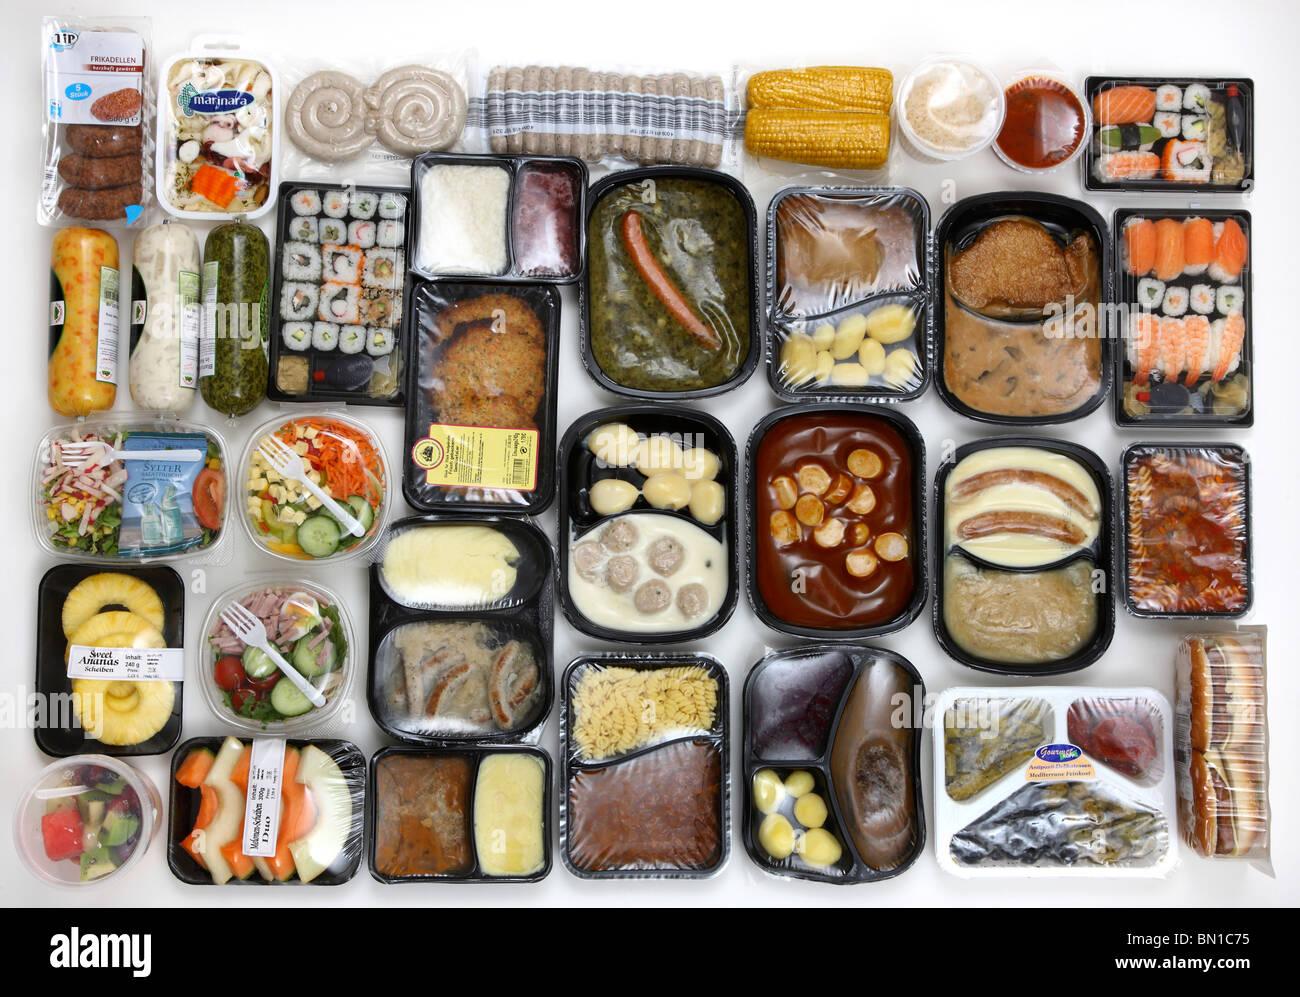 Sélection d'alimentation facile. Des salades fraîches, fruits, viandes, soupes et plats de pâtes Photo Stock